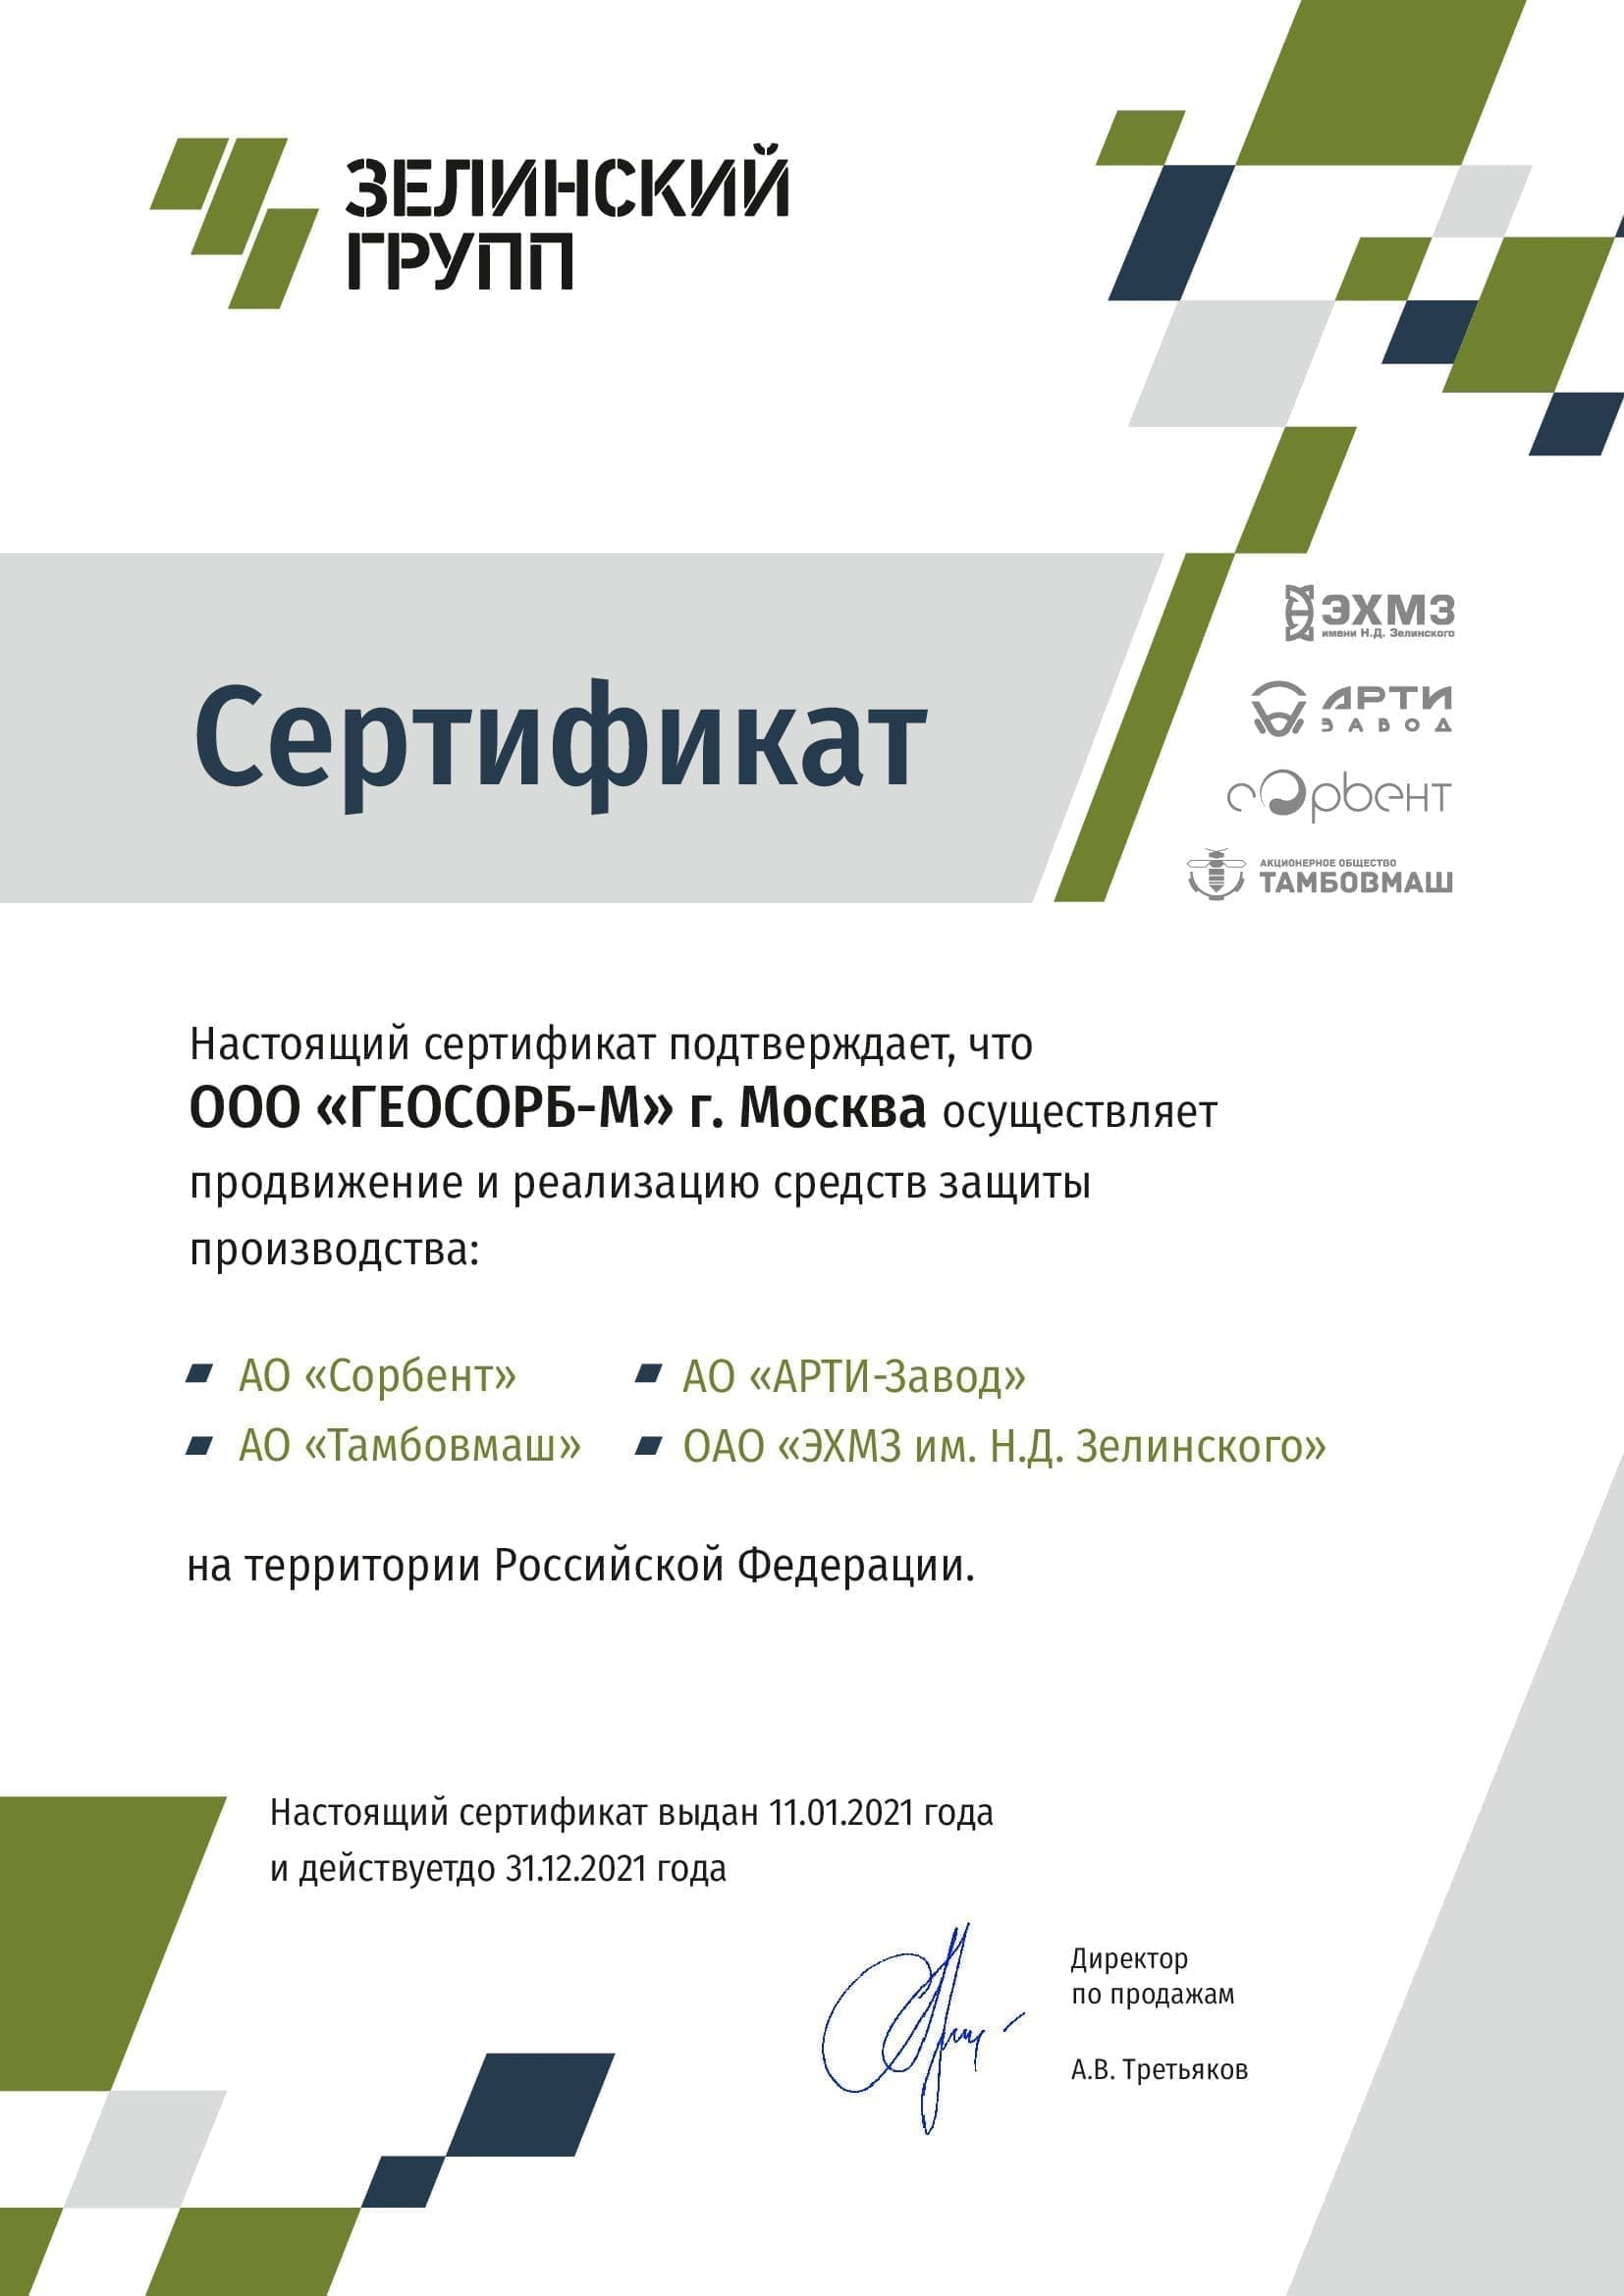 сертификат парнтера 2019